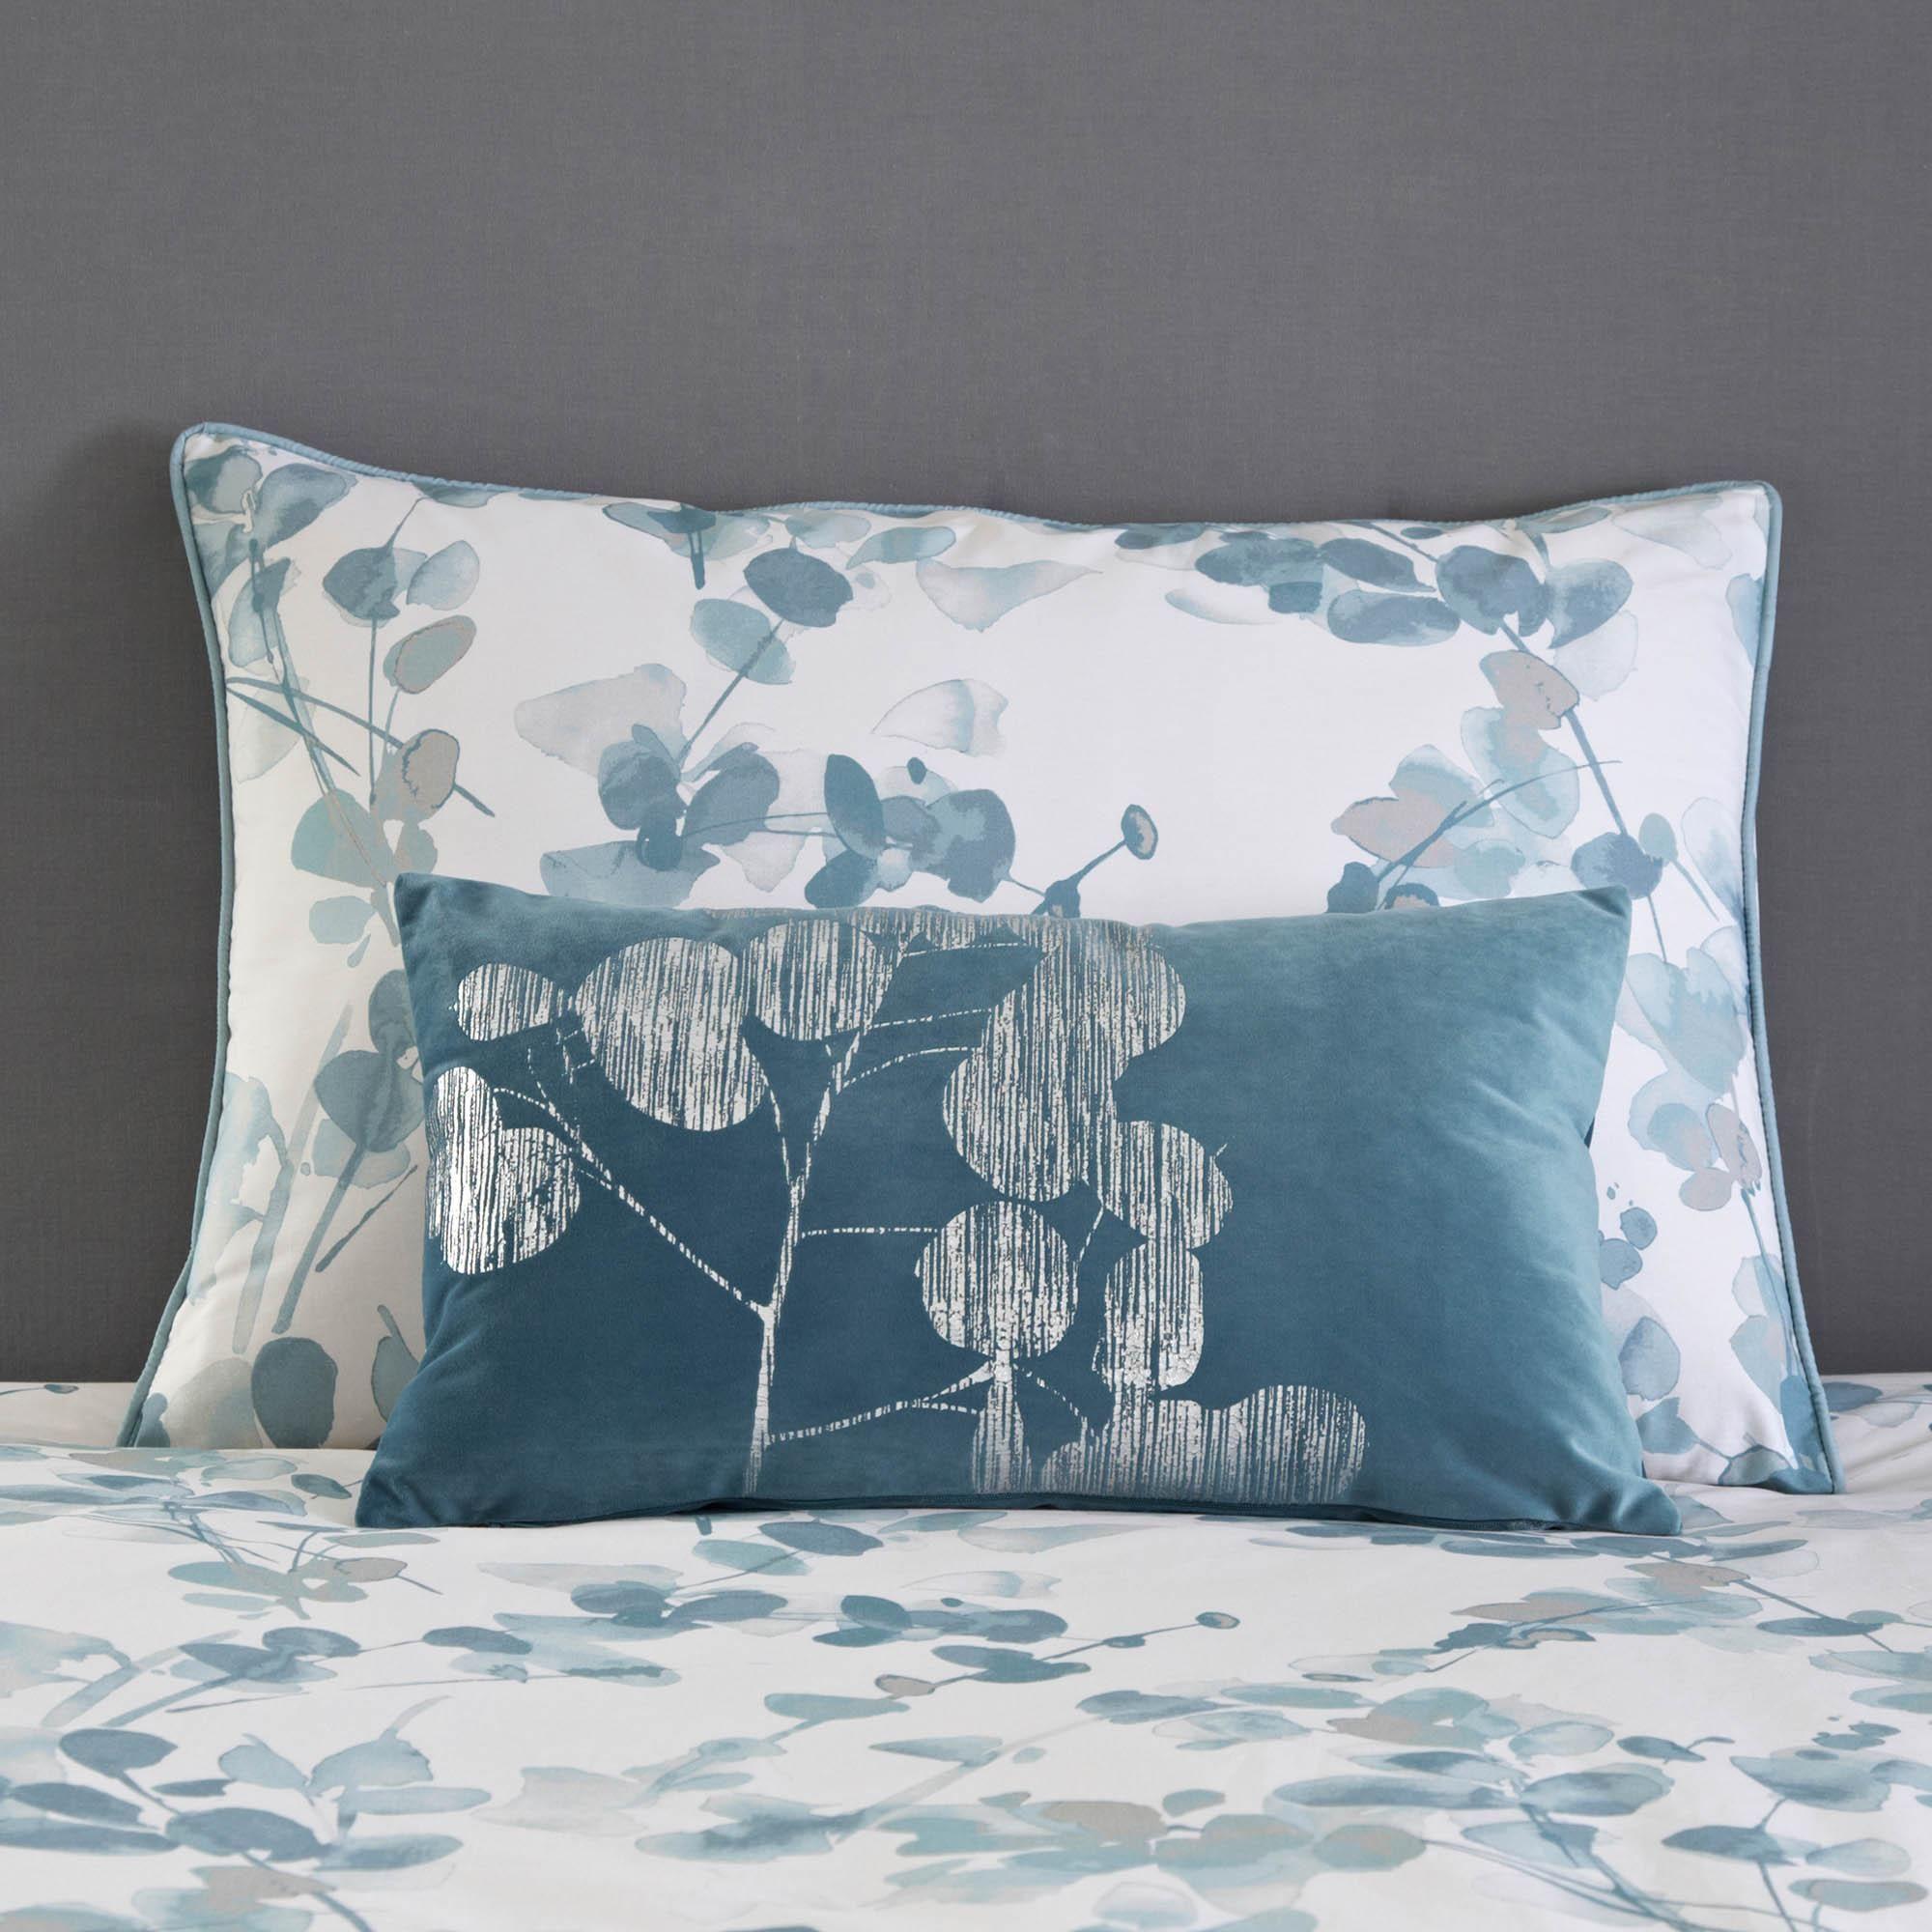 Honesty Teal Oxford Pillowcase | Dunelm